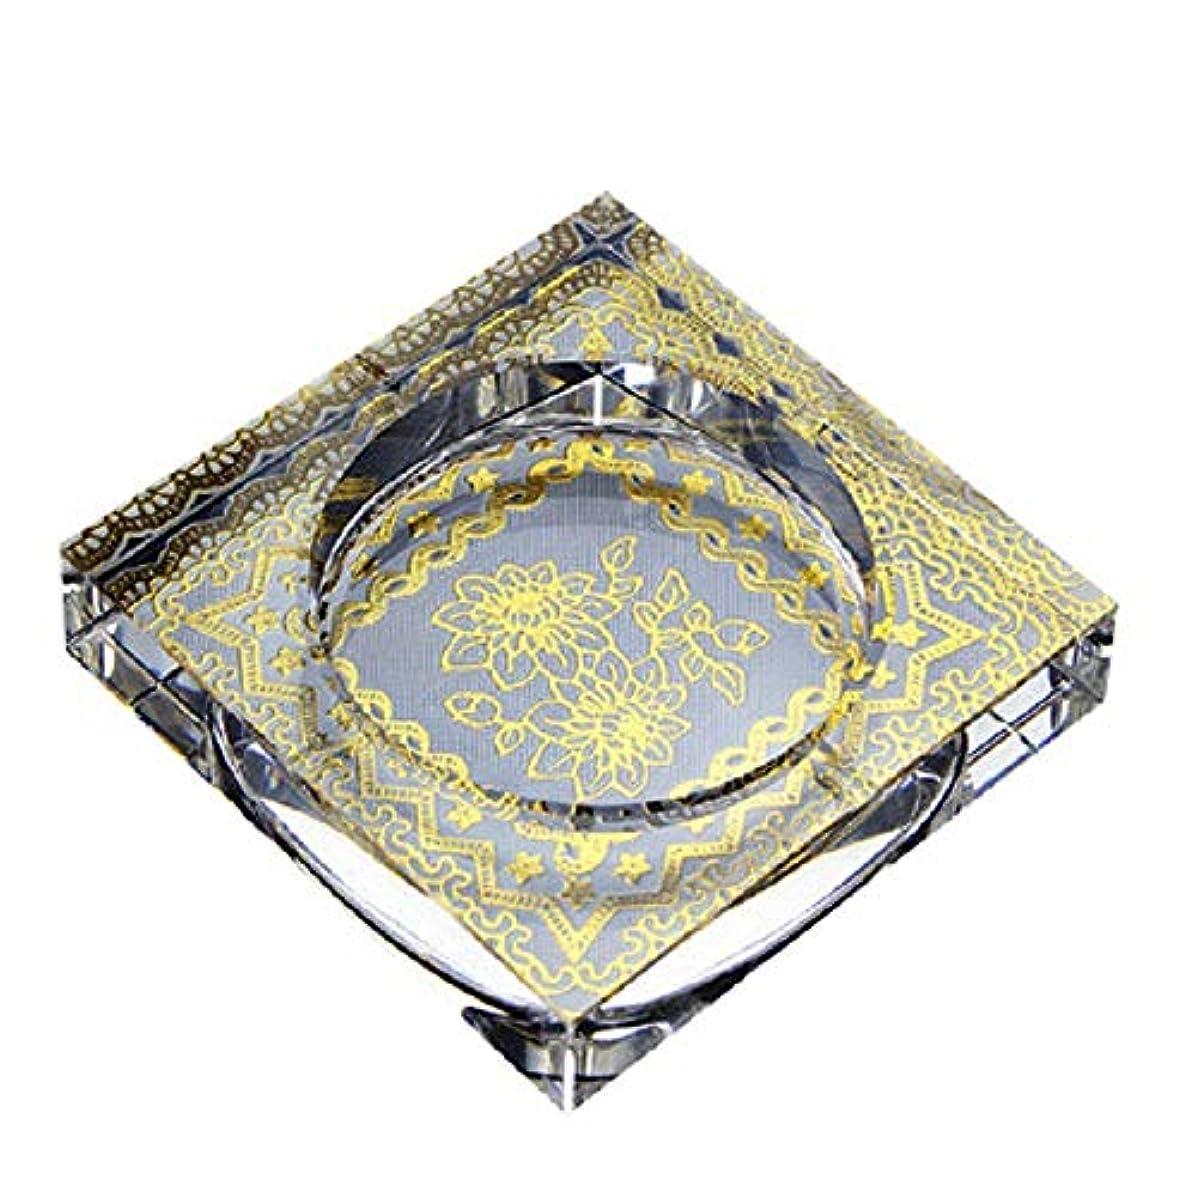 ピューレギュラー暴徒タバコ、ギフトおよび総本店の装飾のための灰皿の円形の光沢のある水晶灰皿